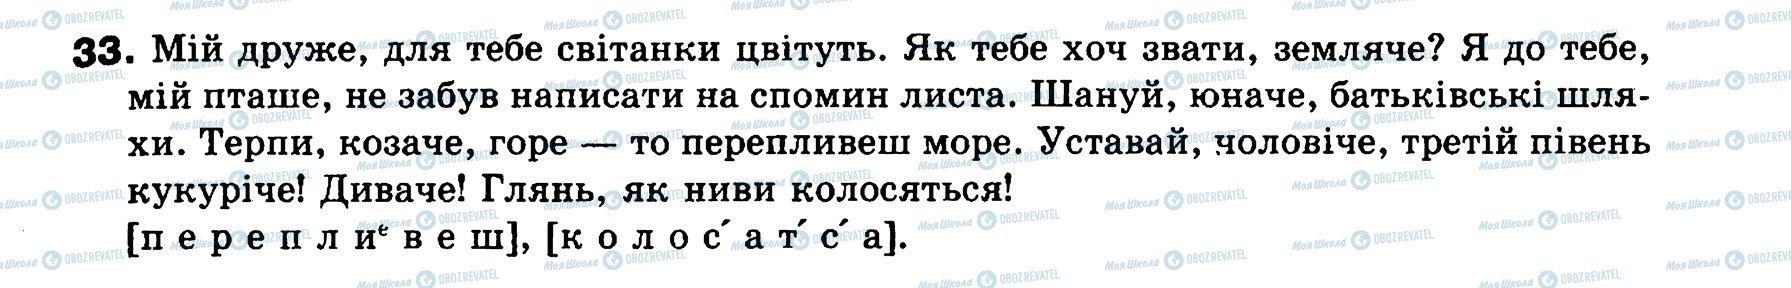 ГДЗ Українська мова 8 клас сторінка 33